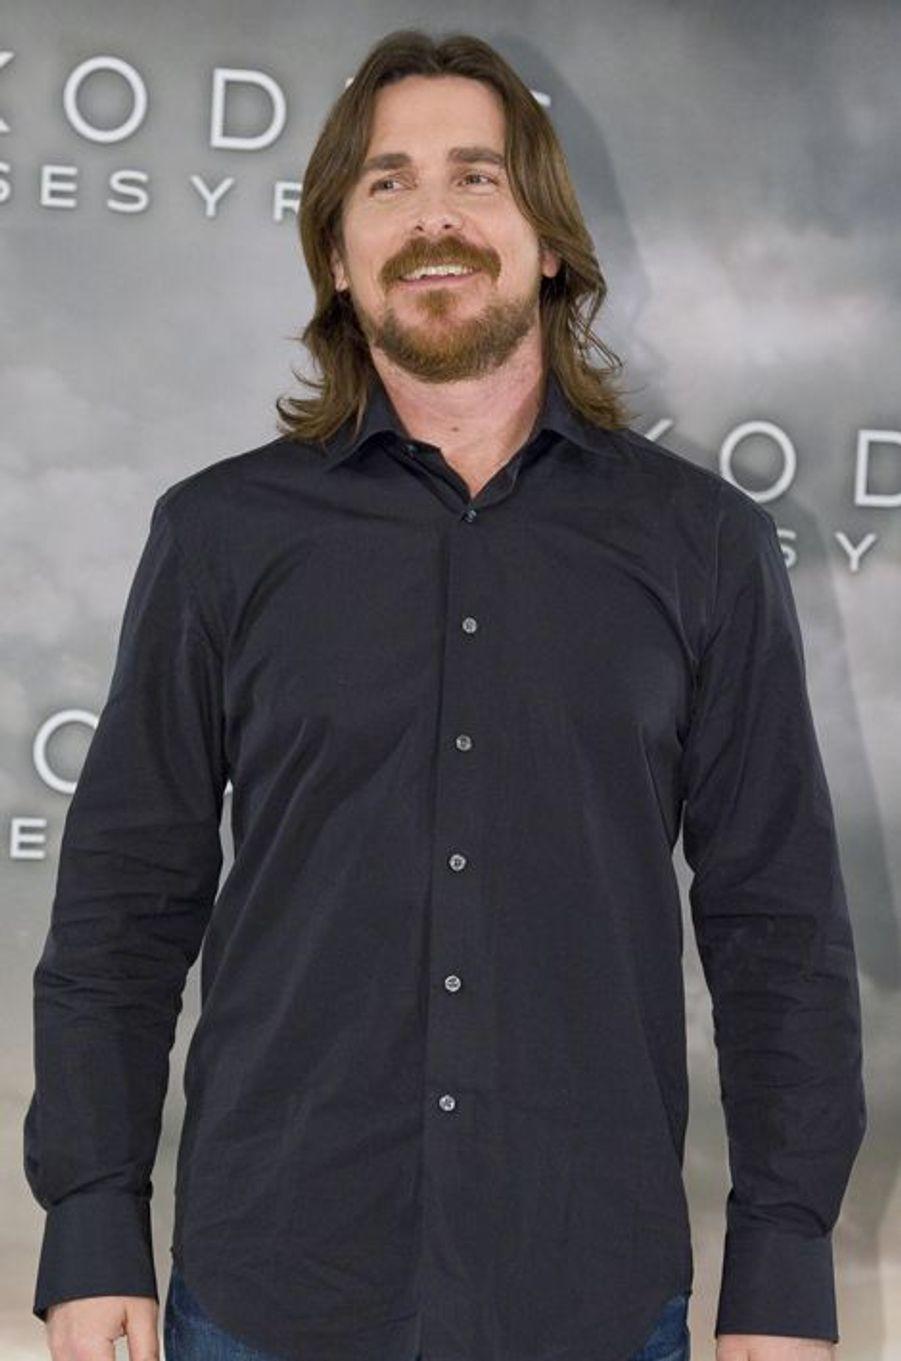 En 1987, Christian Bale est seulement âgé de 13 ans lorsqu'il gagne la reconnaissance en obtenant son premier grand rôle au cinéma, dans «Empire du Soleil». Un film réalisé par Steven Spielberg qui lui avait permis de devenir célèbre du jour au lendemain. En revenant à l'école, l'acteur a quelque peu été perturbé par les réflexions de ses camarades, qui l'ont pris pour cible. «Toutes les filles étaient gentilles avec moi, mais les garçons voulaient seulement se battre».